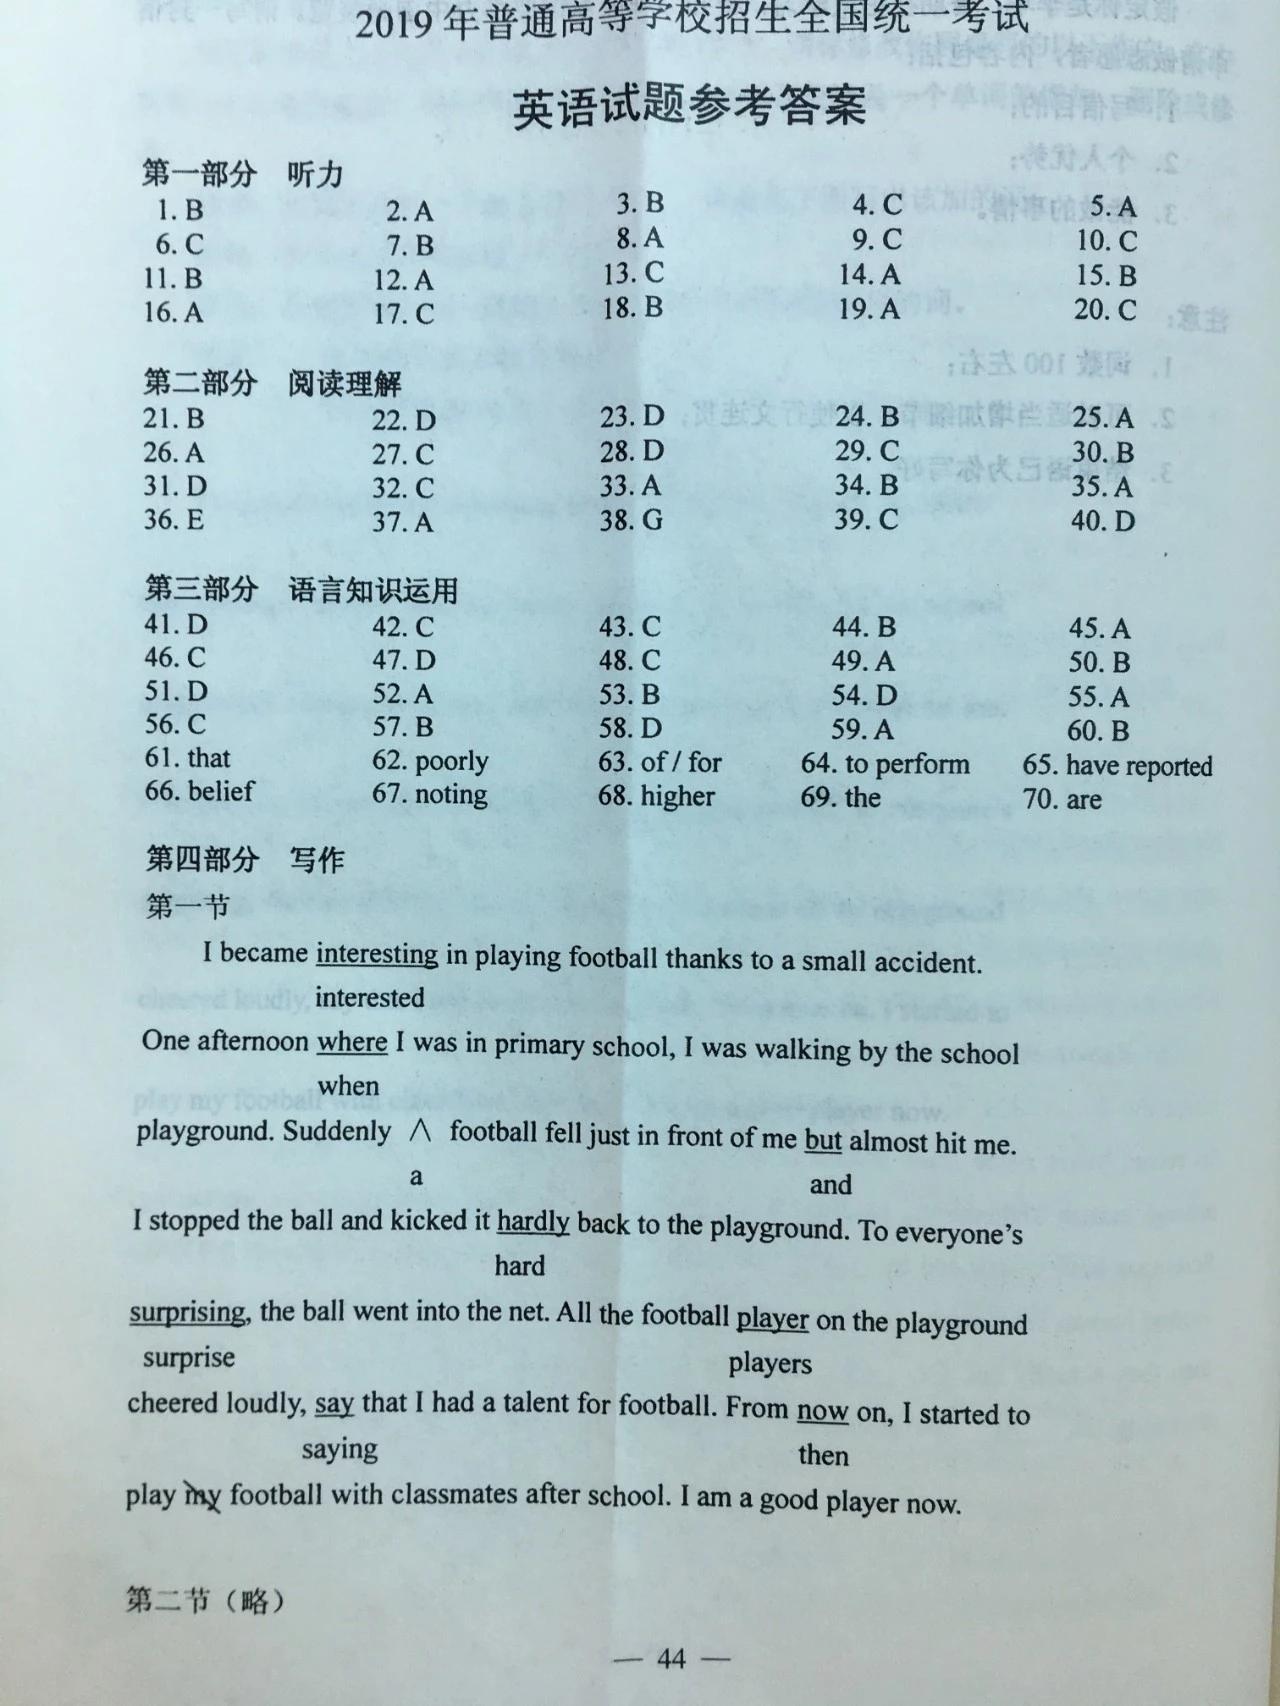 2019年高考全国卷1卷标准答案英语